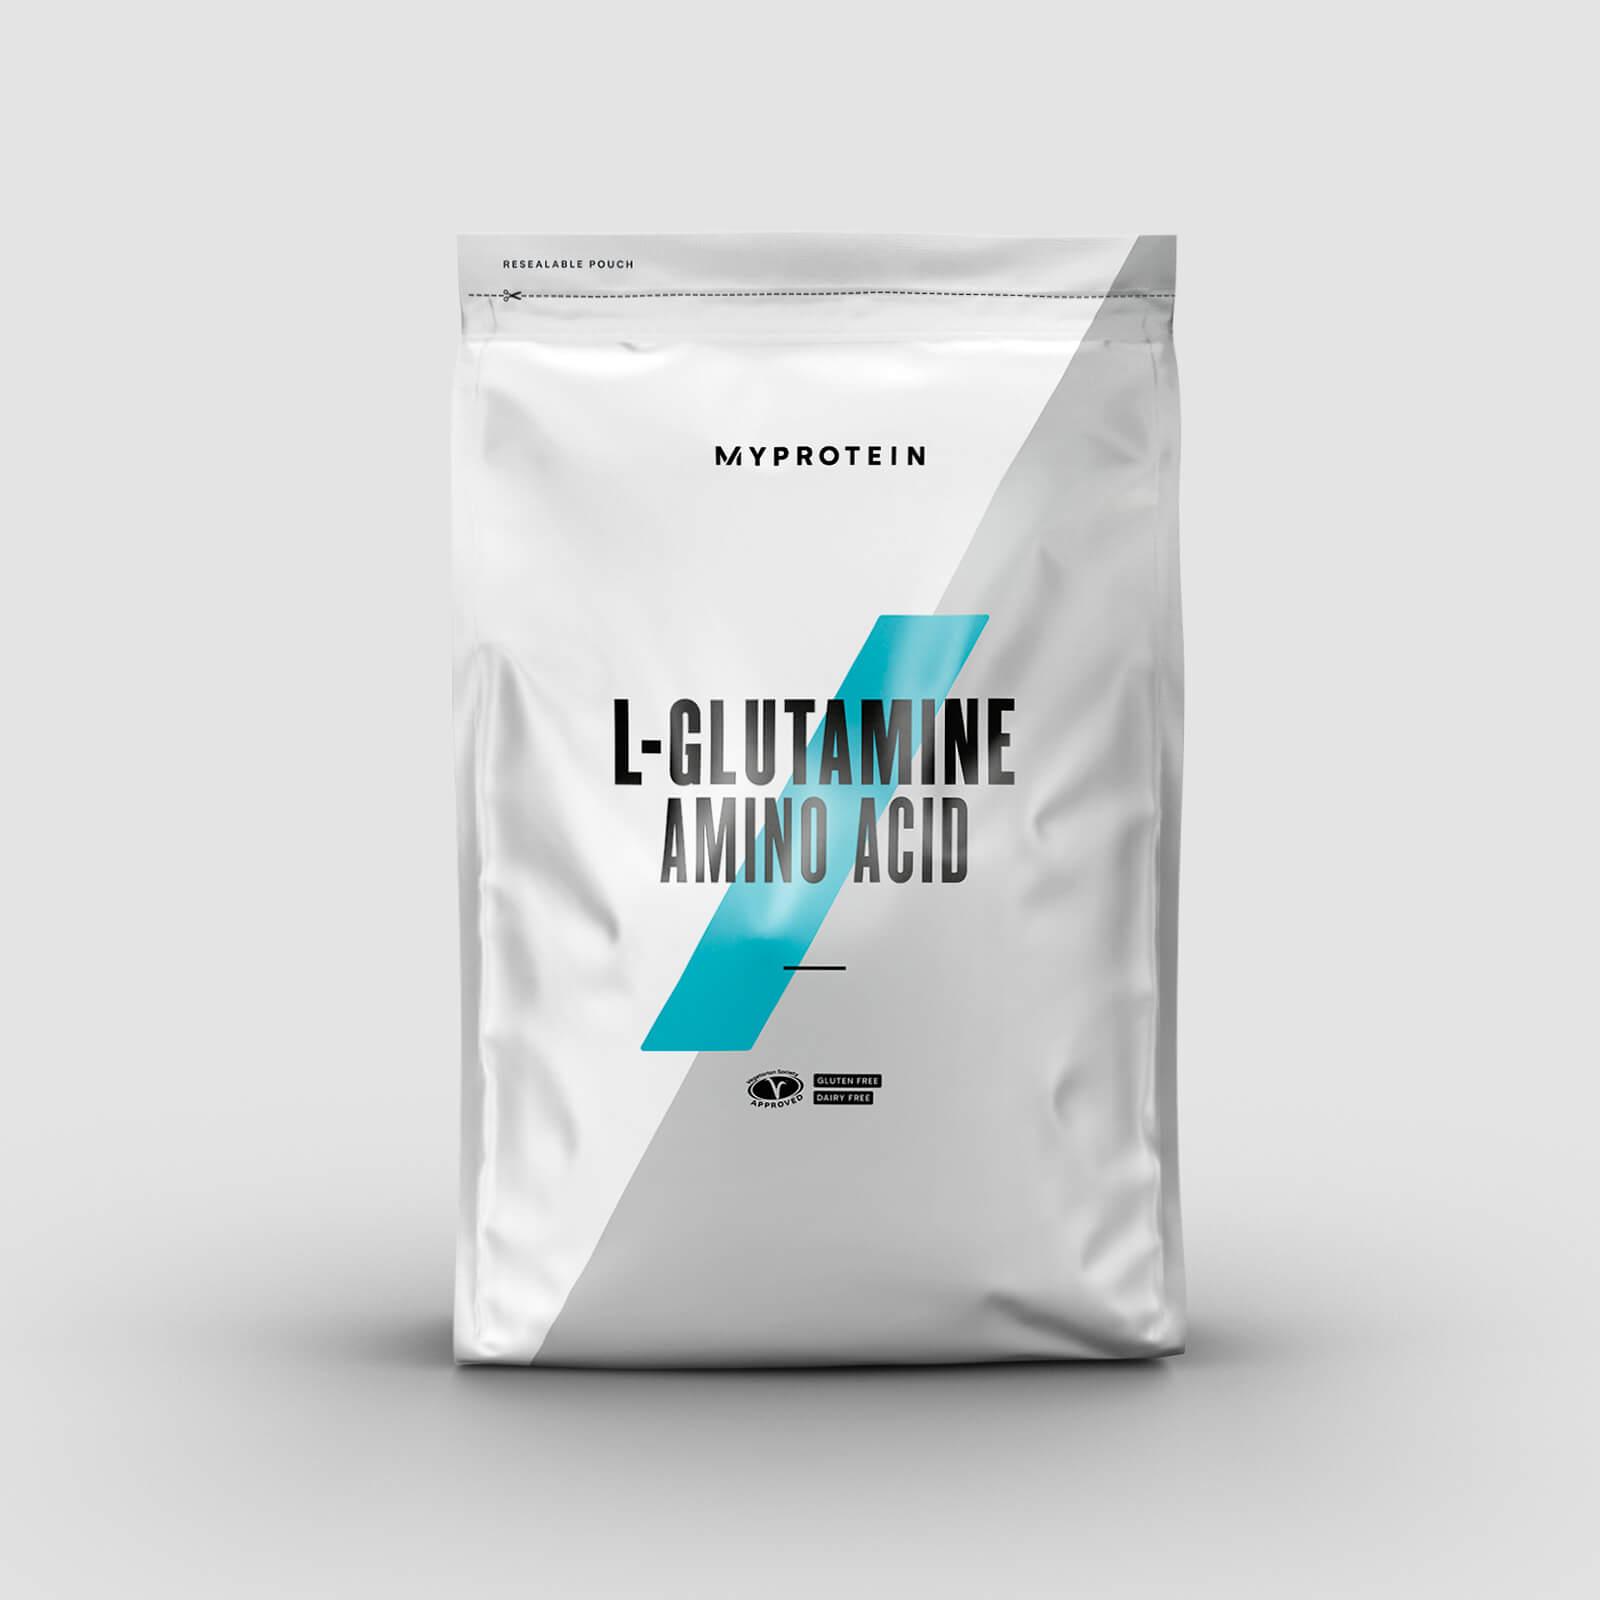 Myprotein L-Glutamine Powder - 250g - Blue Raspberry